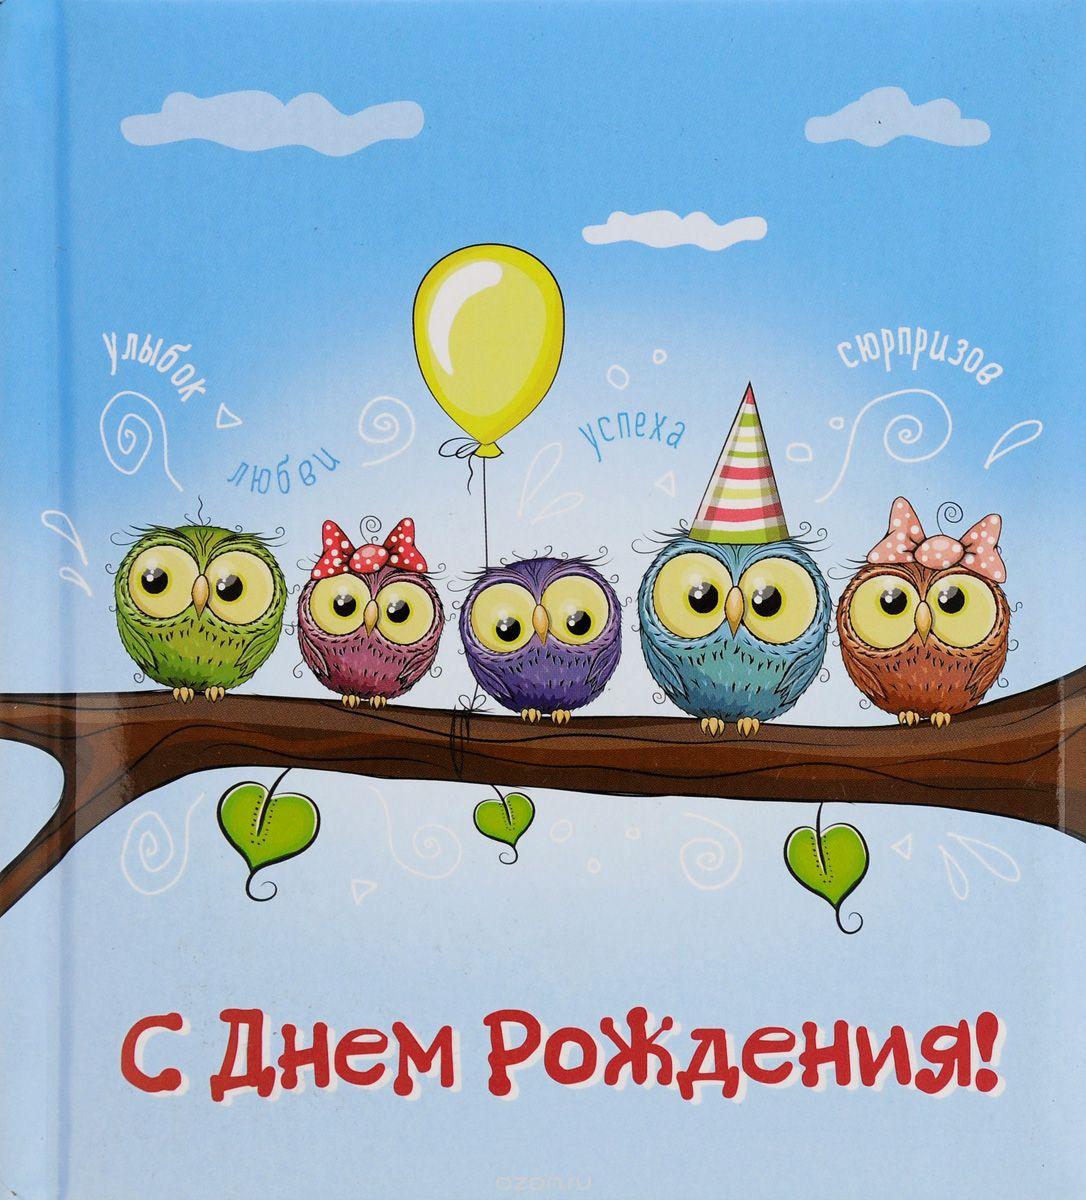 Бесплатные картинки с днем рождения красивые 12